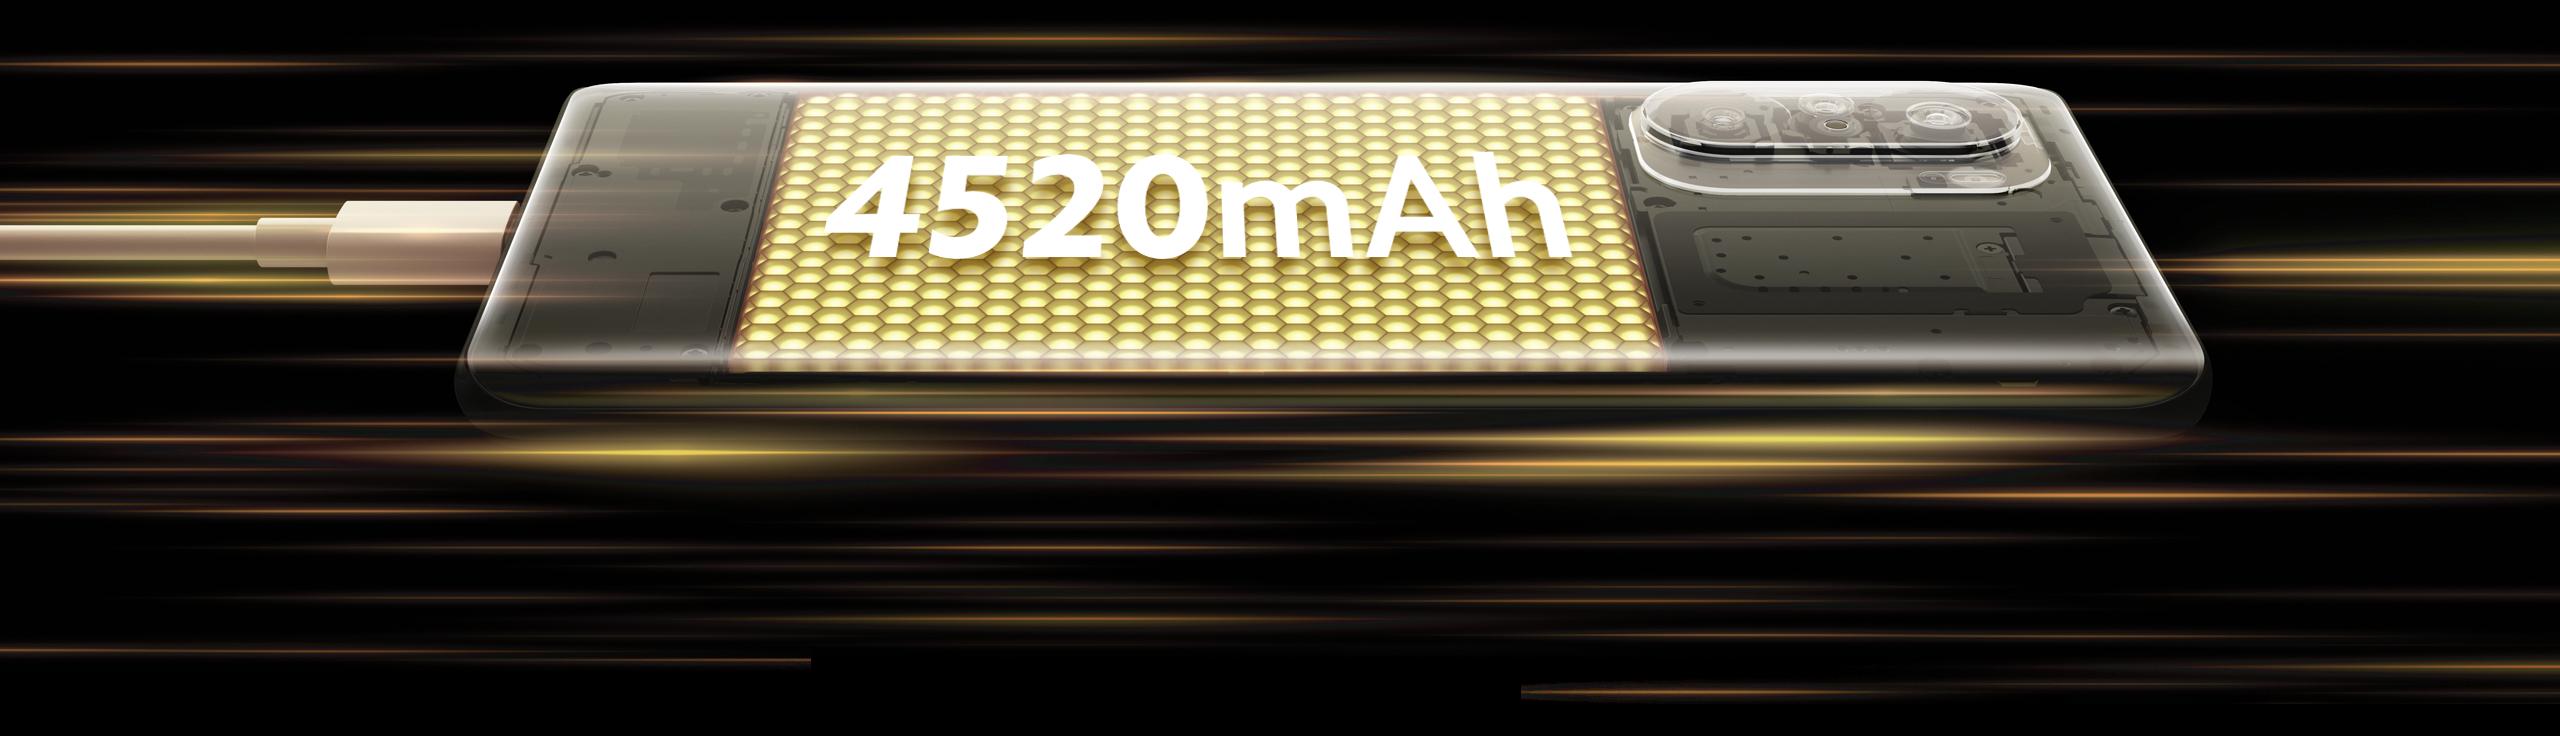 باتری پوکو اف 3